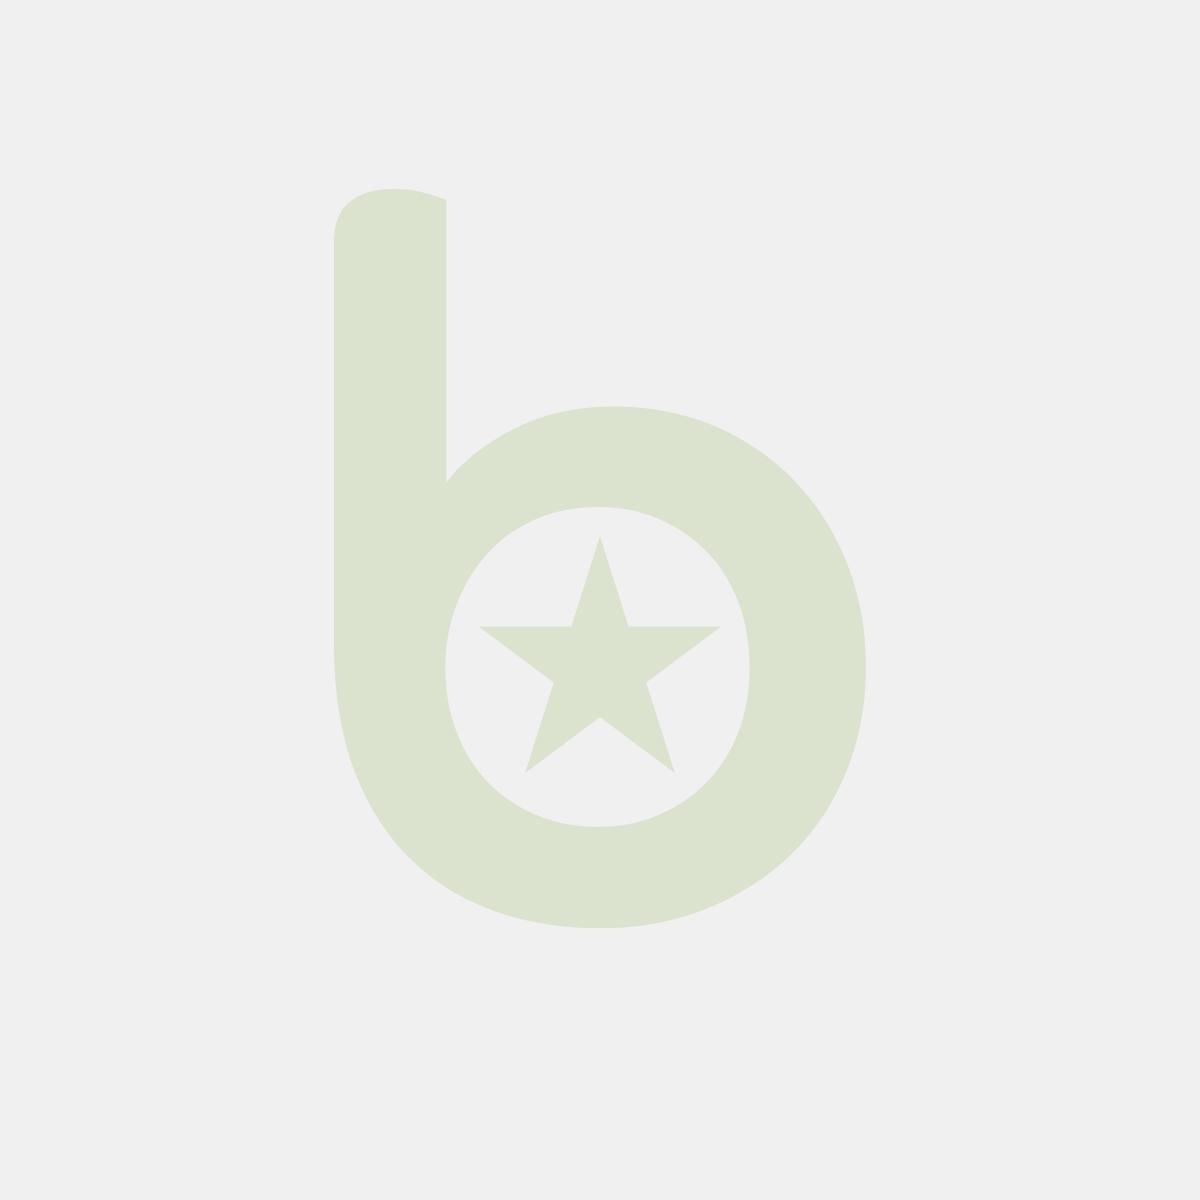 Furażerka z włókniny, 8,5 cm x 31 cm, kolor biały, opakowanie 50szt